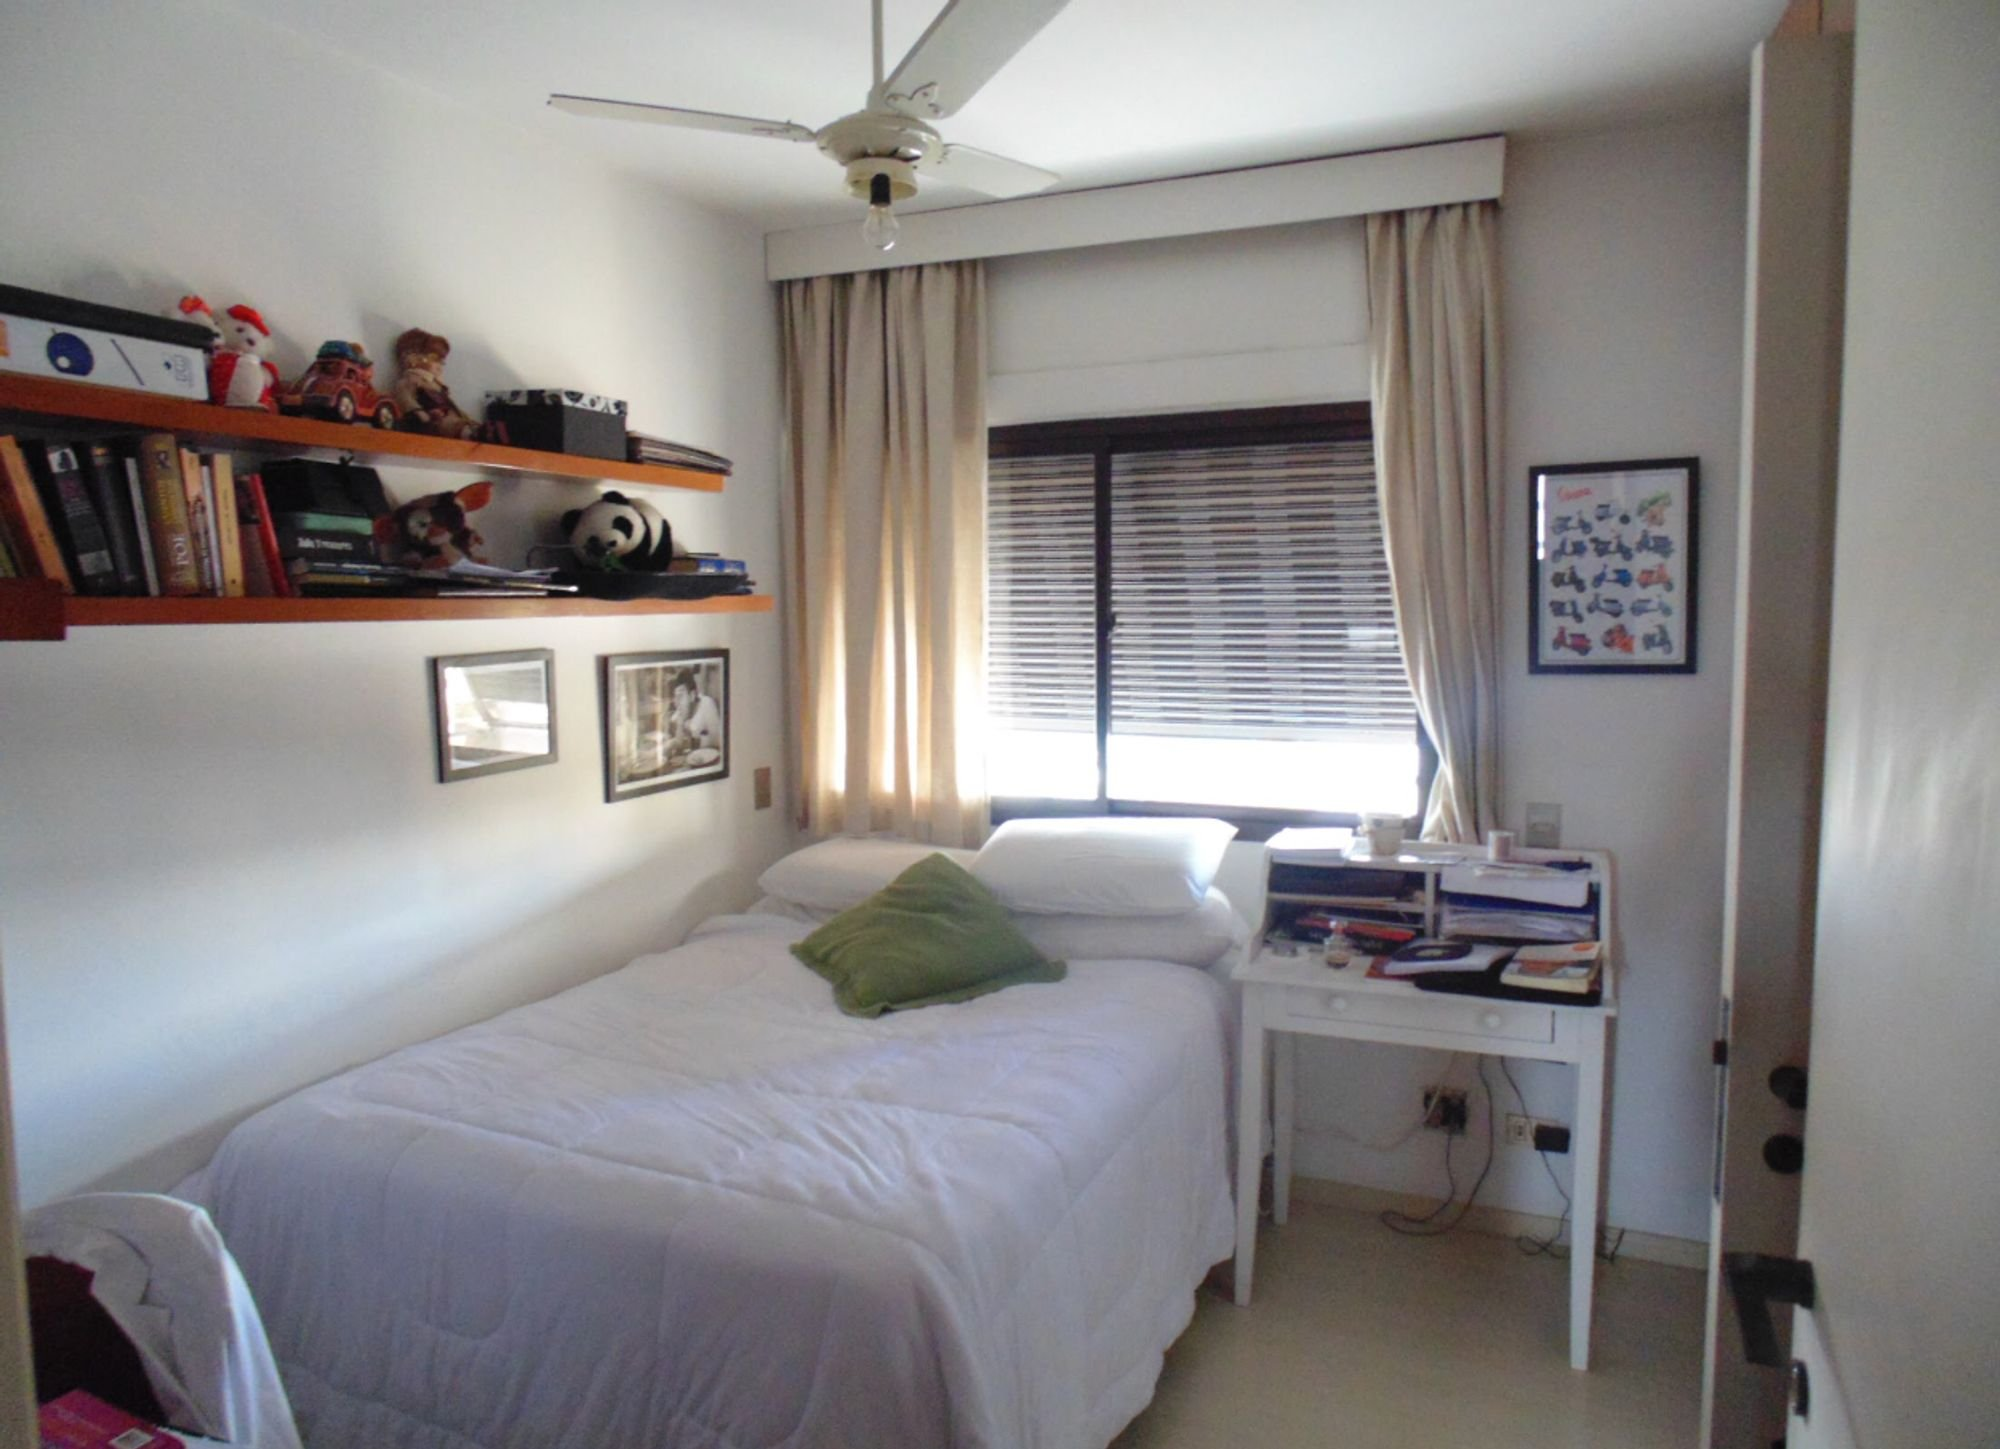 Foto de Quarto com cama, livro